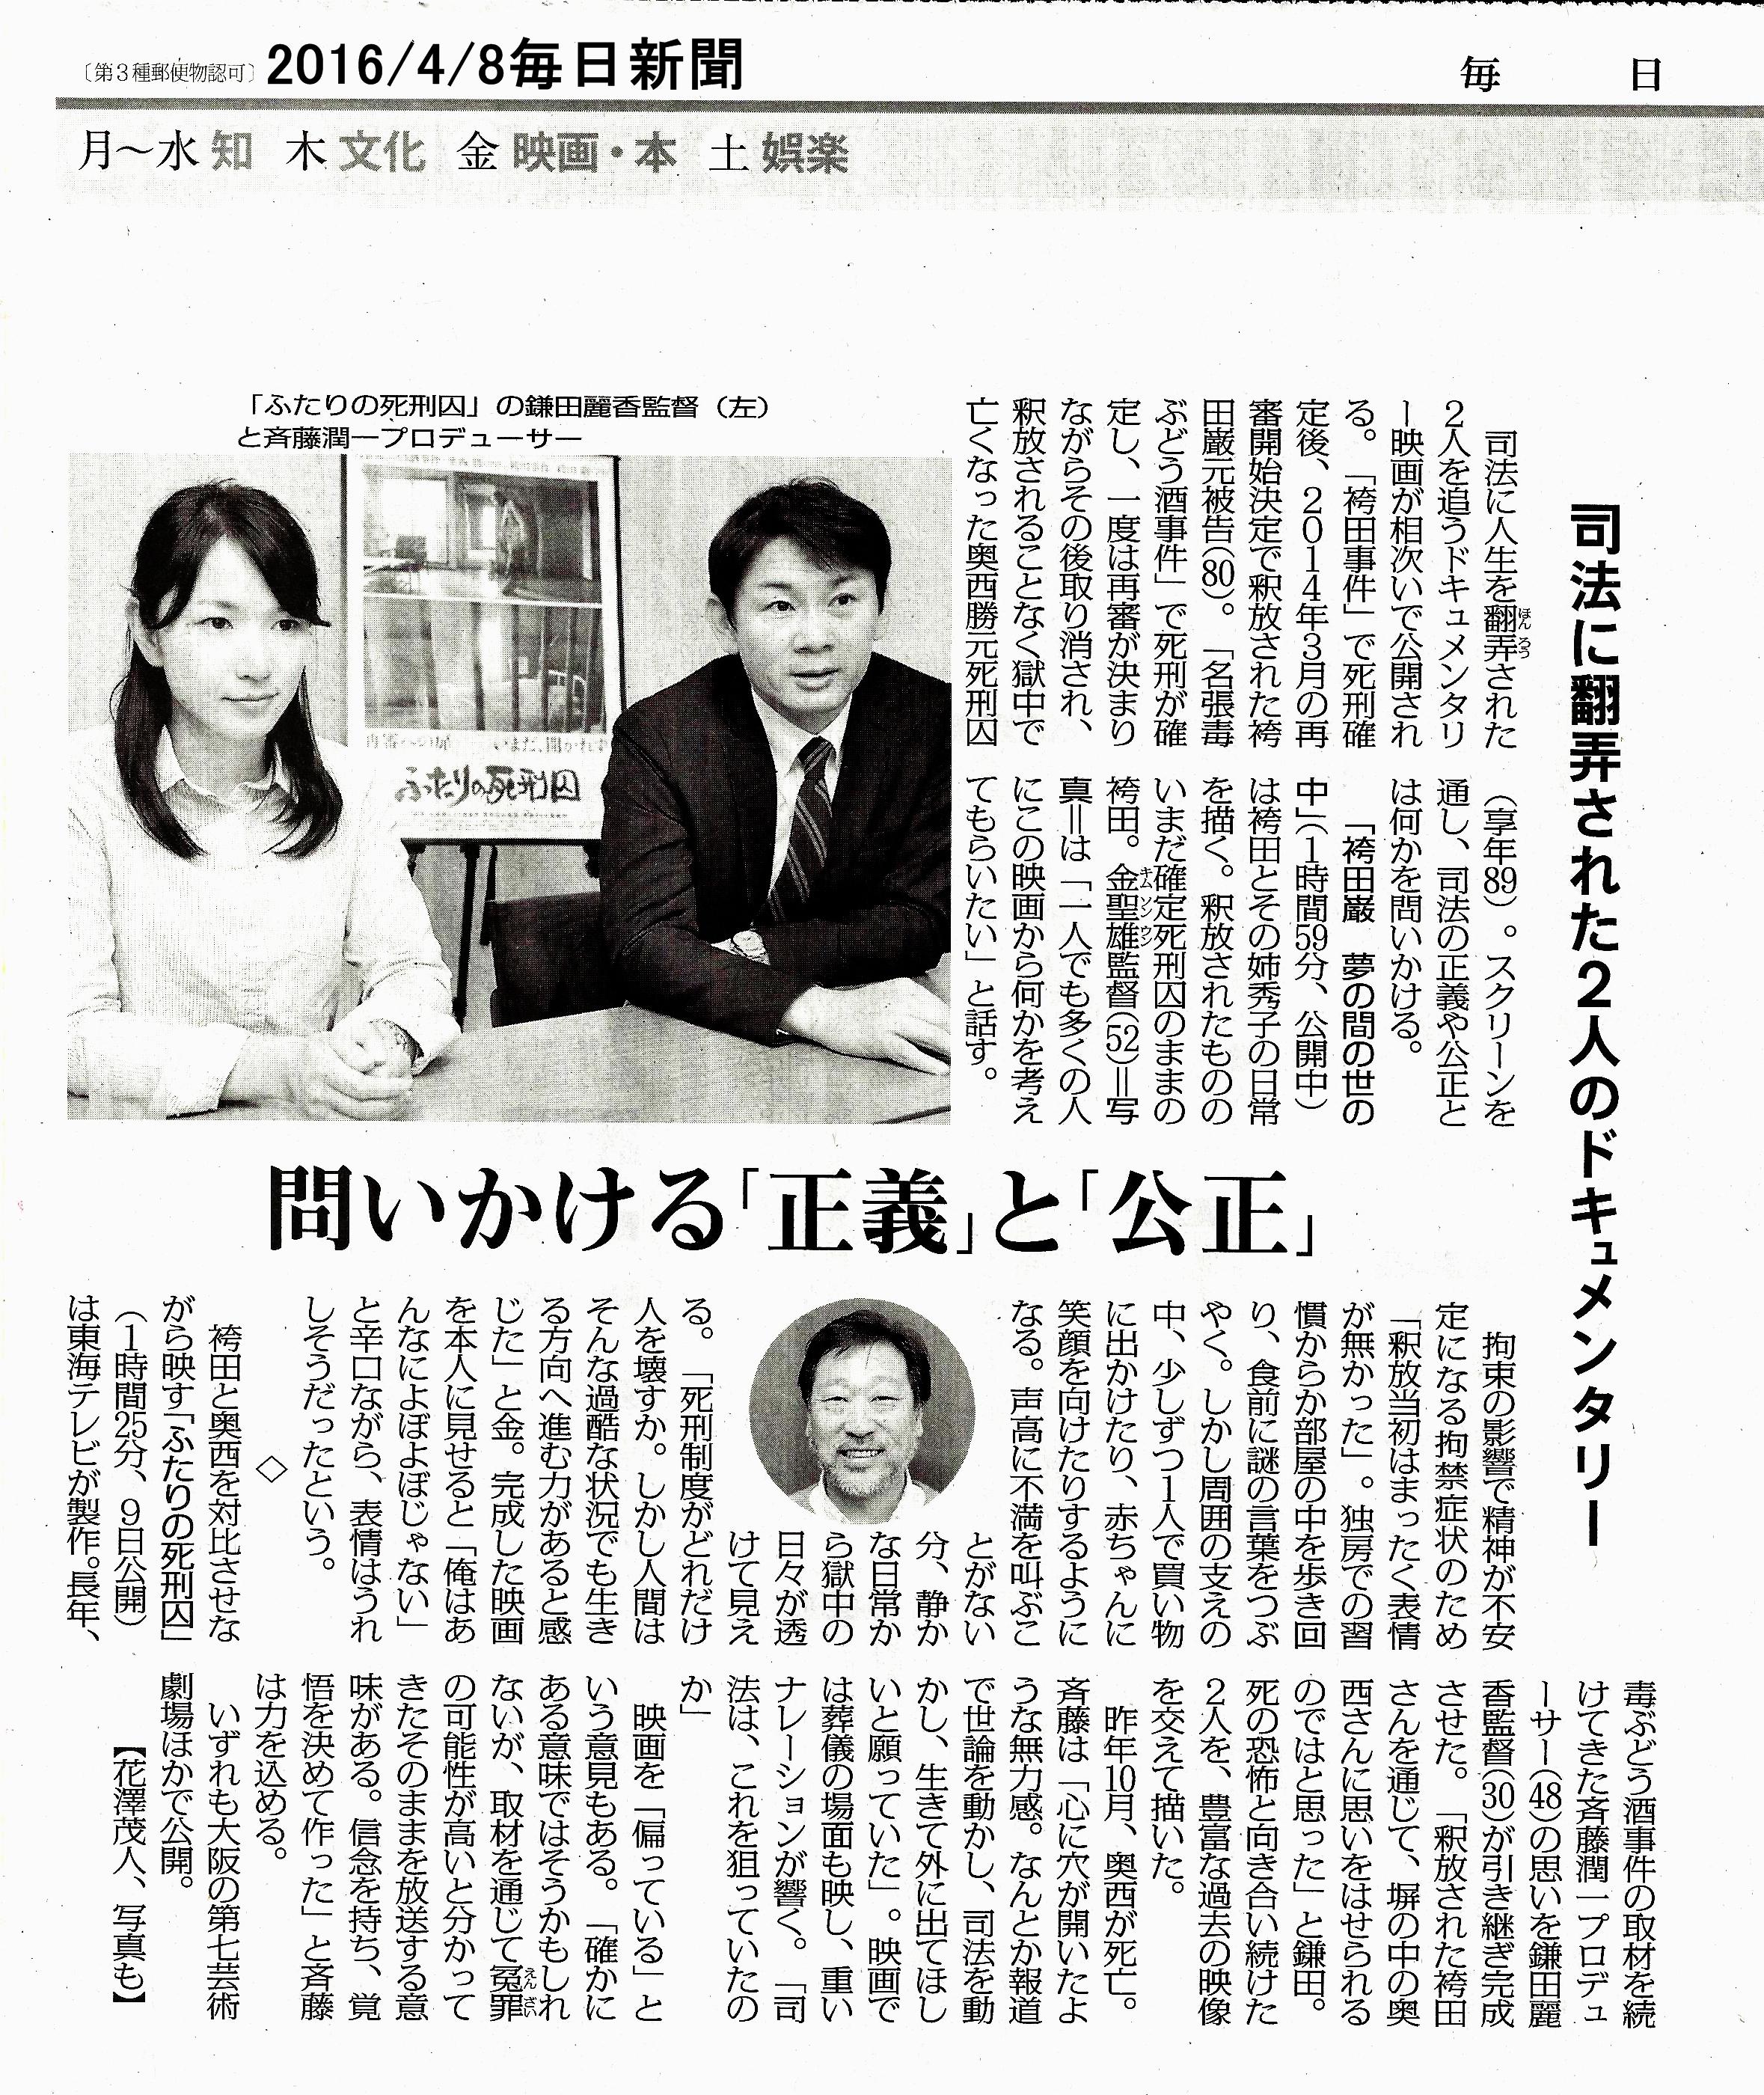 2016.4.8毎日新聞